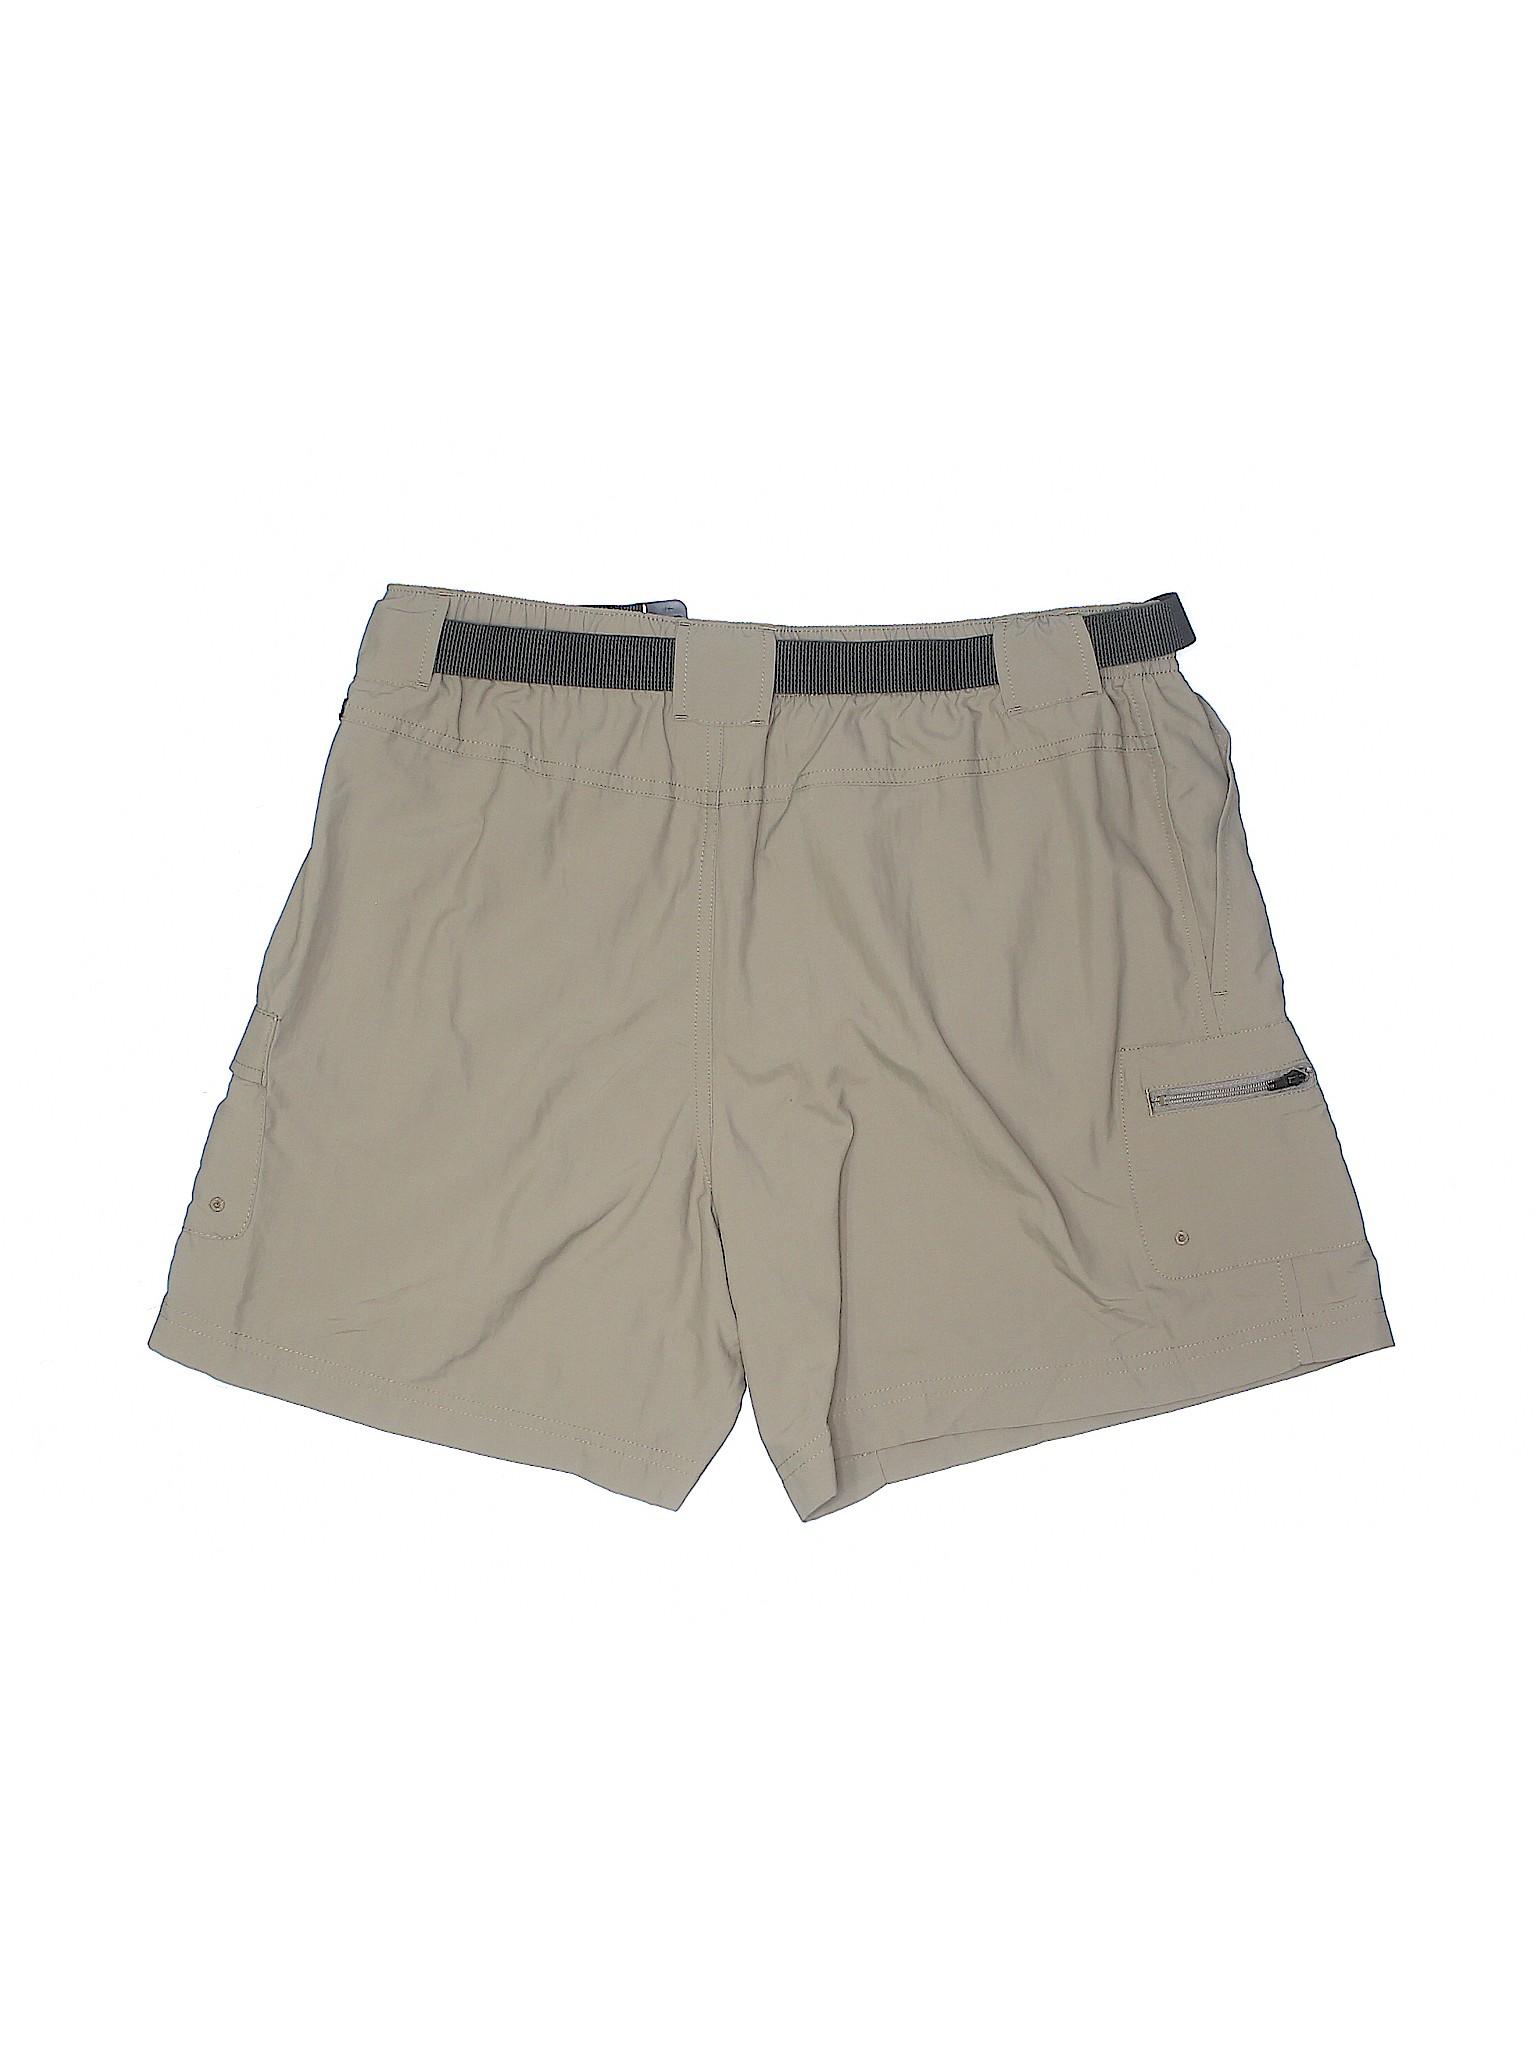 Columbia Boutique Shorts Boutique Boutique Boutique Athletic Athletic Columbia Shorts Athletic Boutique Athletic Columbia Columbia Shorts Shorts Columbia qXxSCxU